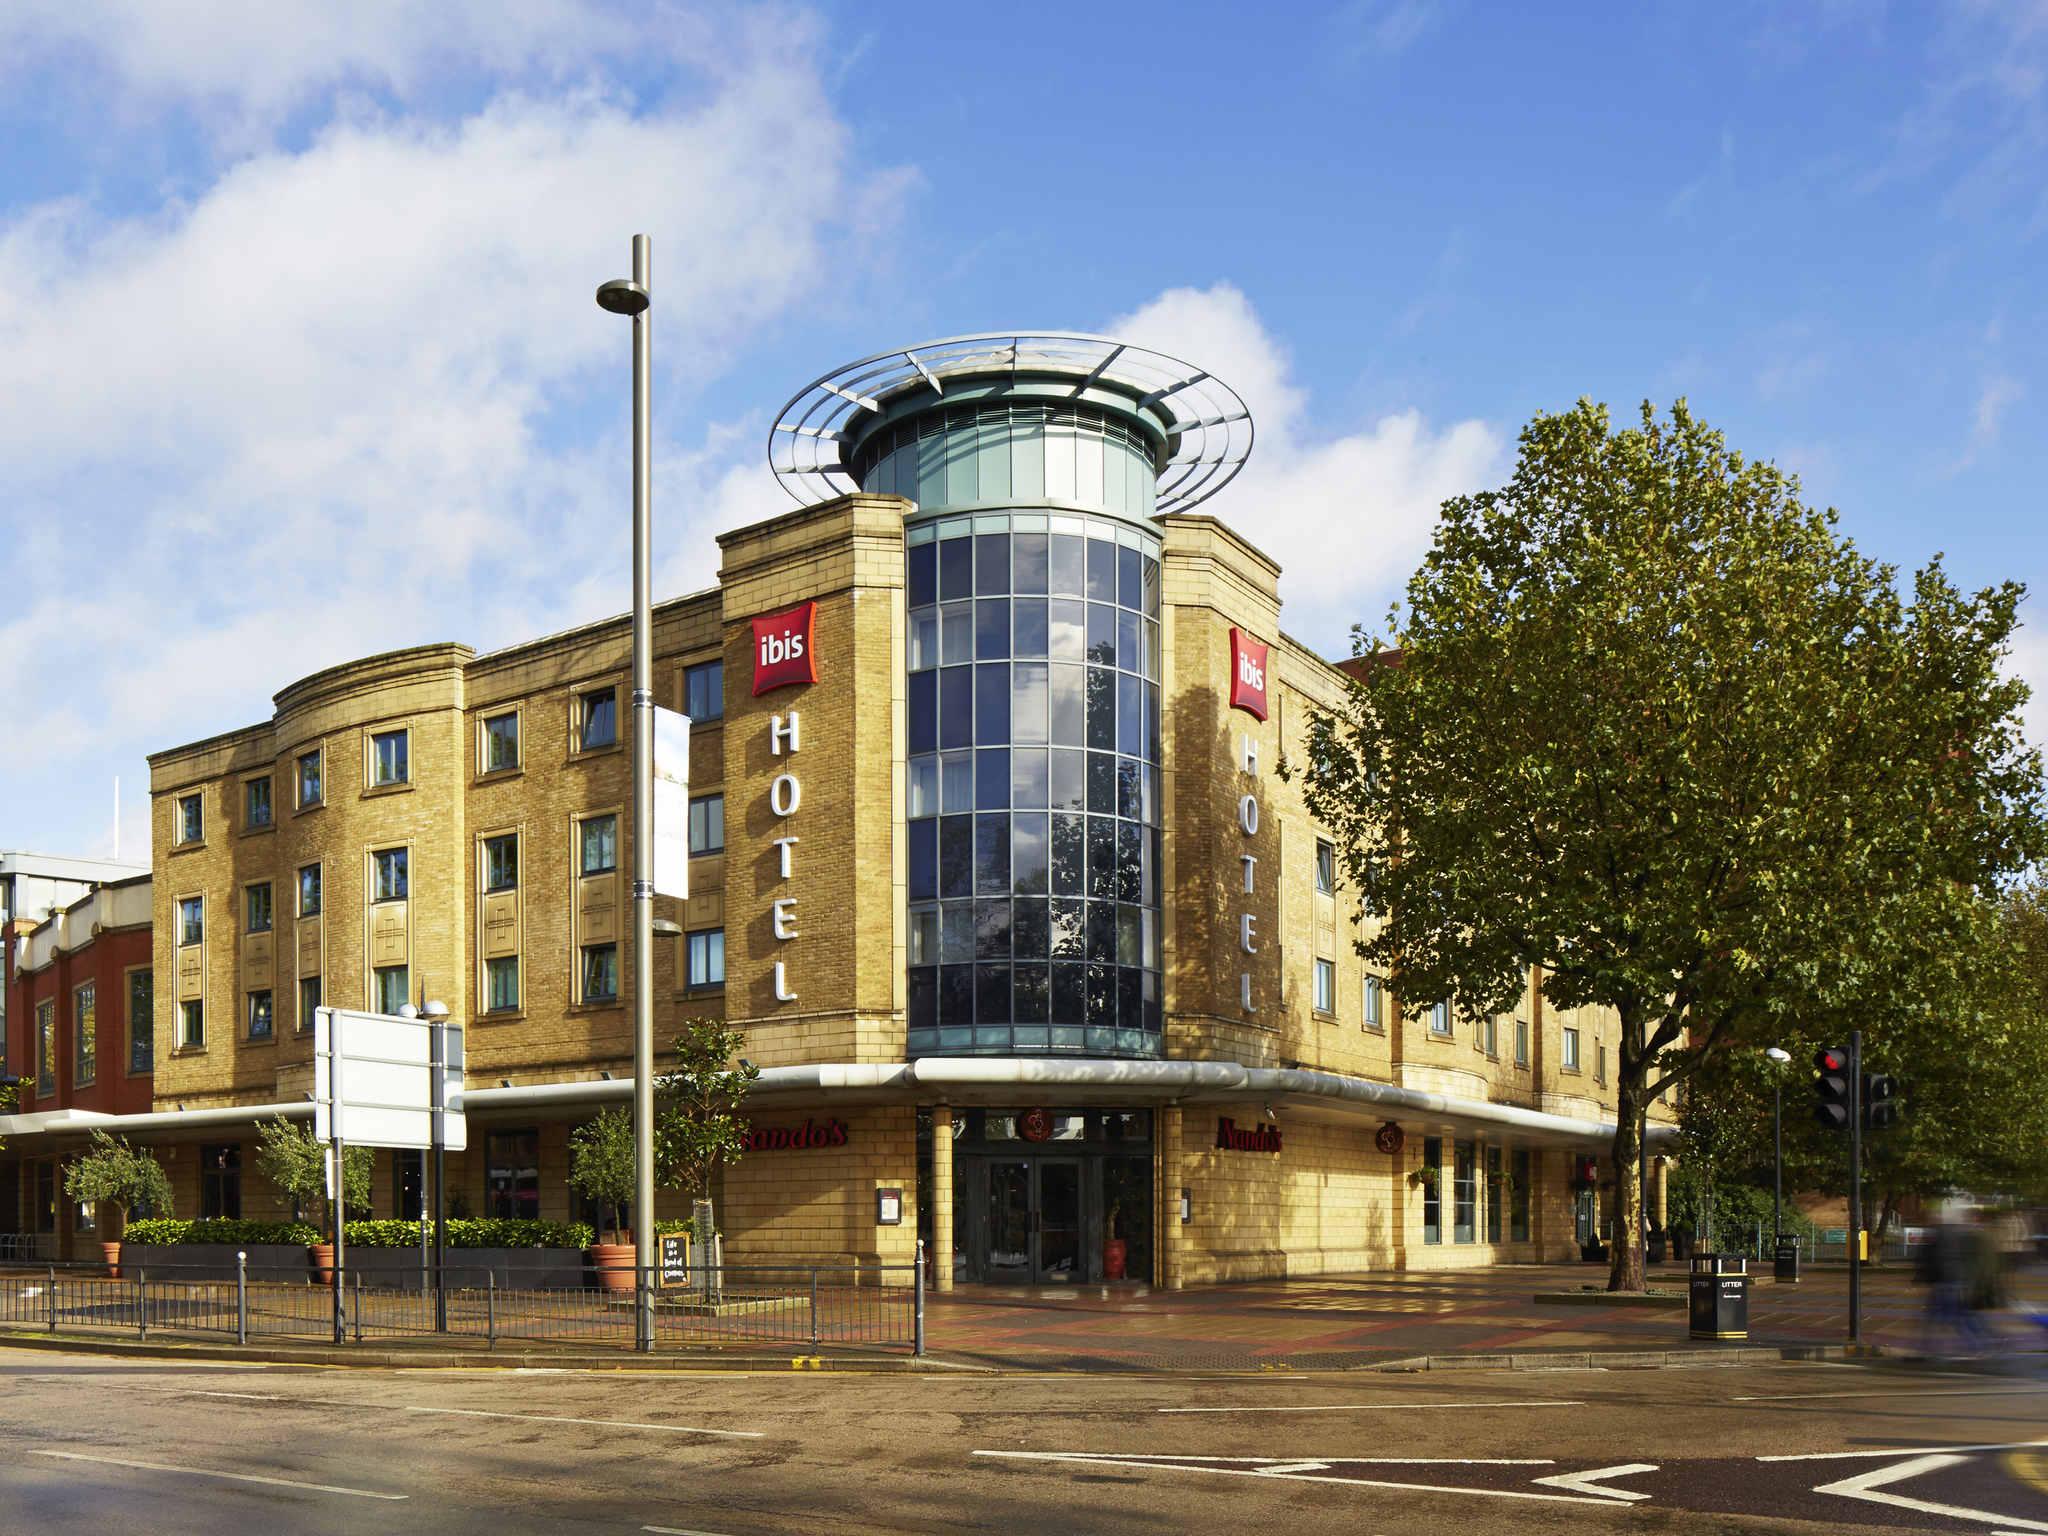 فندق - إيبيس ibis لندن ستراتفورد